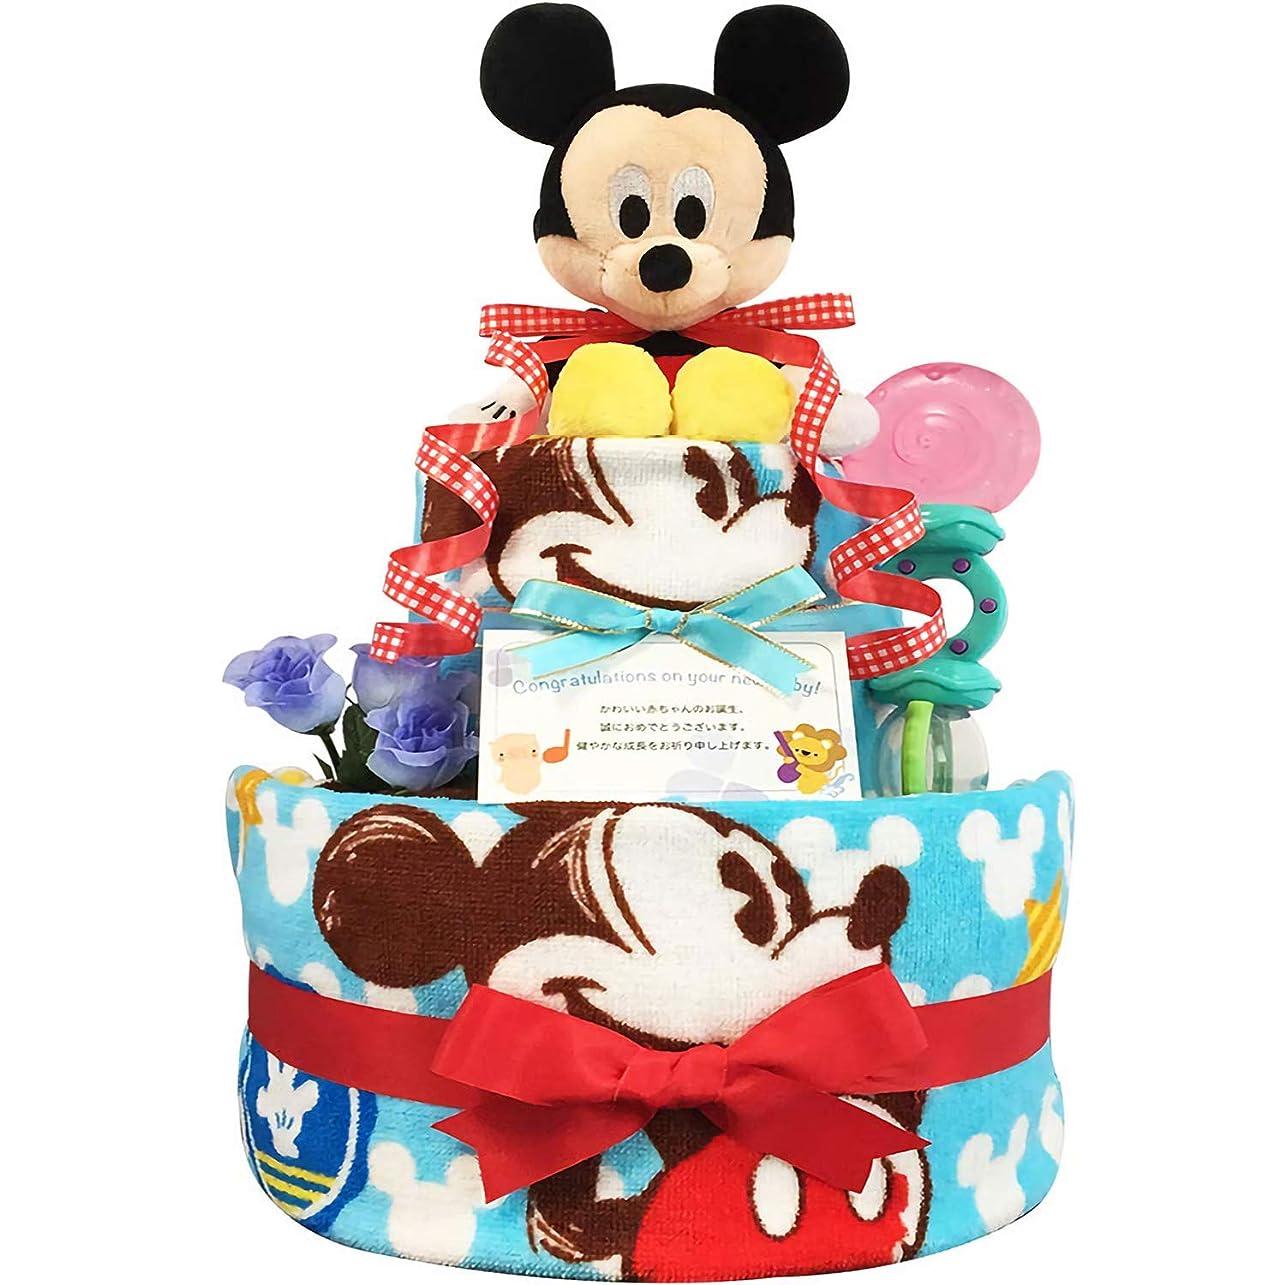 悲観的宿るコントラストKanonBabys おむつケーキ [ 男の子向け/ディズニー : ミッキー / 2段 ] パンパースS22枚 (出産祝いに大人気) ダイパーケーキ ギフト 誕生日プレゼント 赤ちゃんの内祝い にもおすすめ